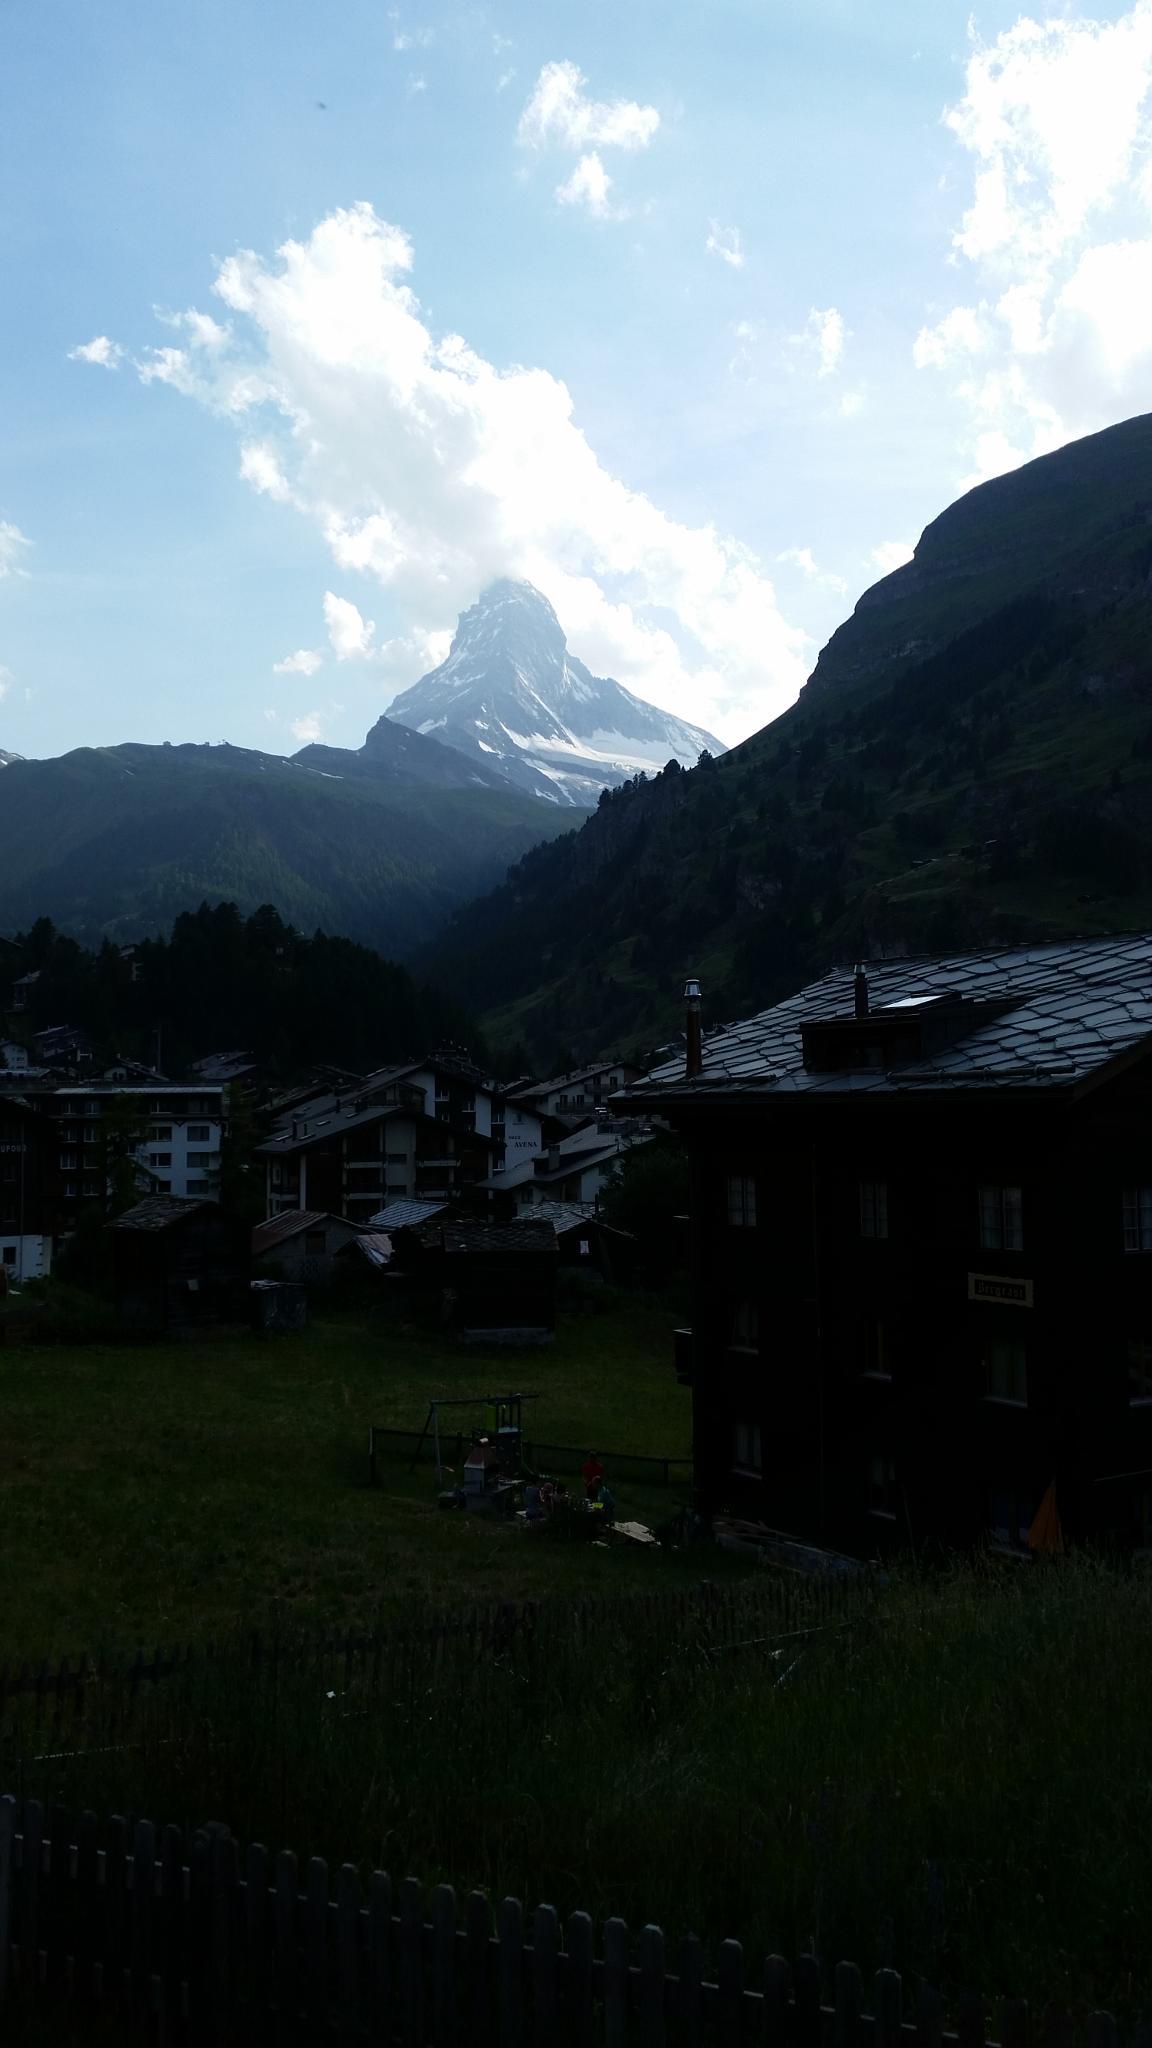 Das Matterhorn by percy ottinger